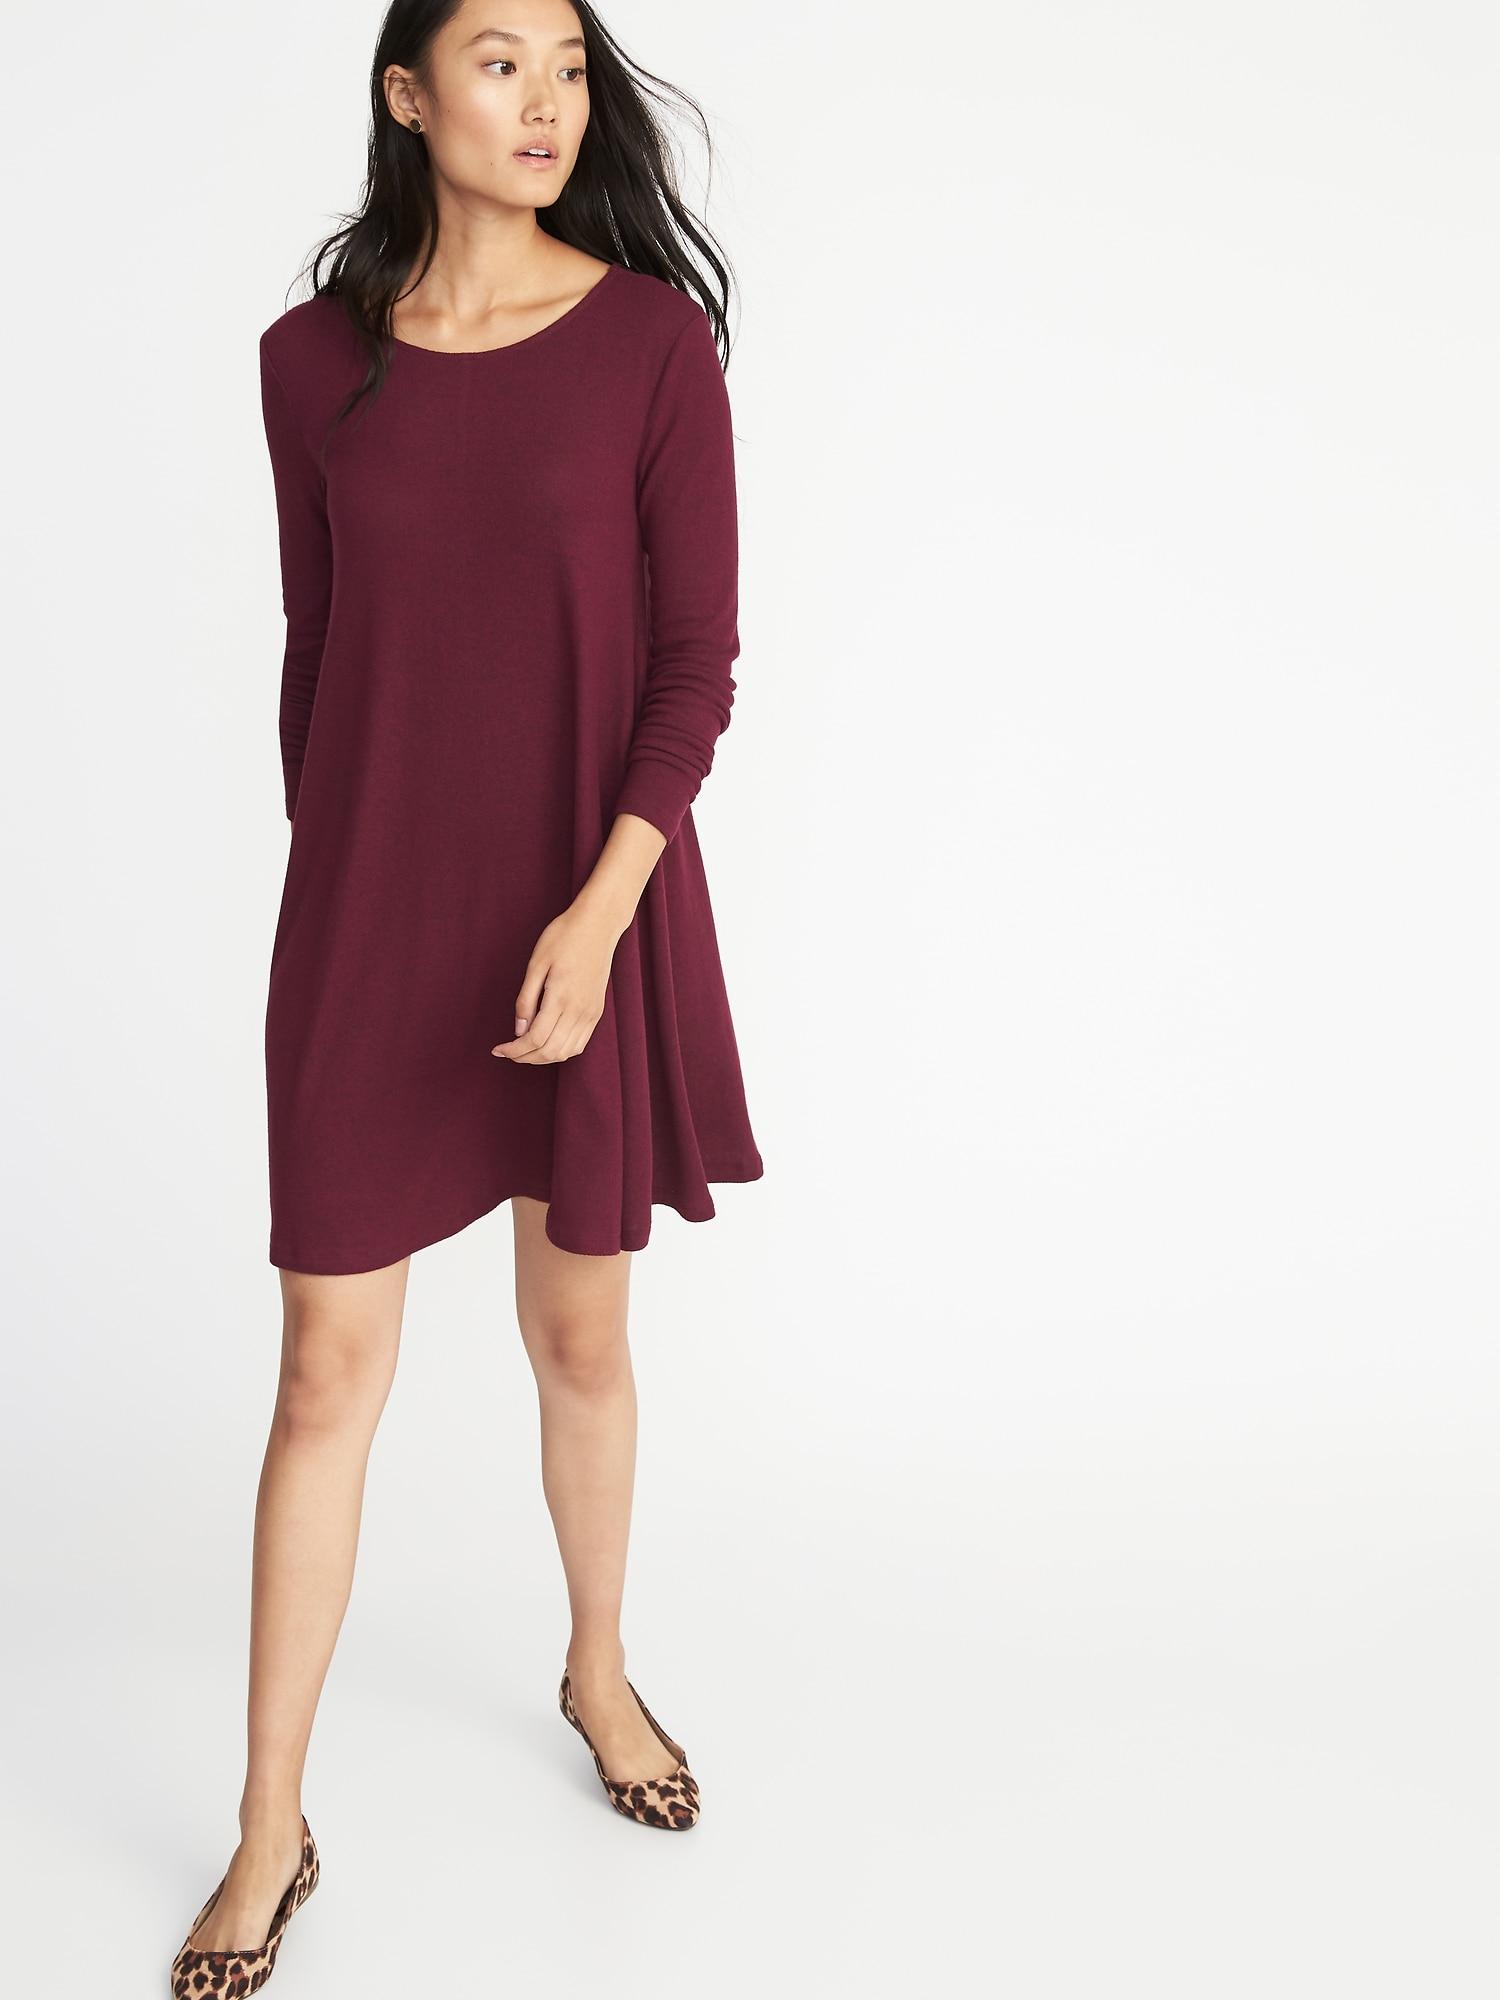 9f5ee10195b Plush-Knit Swing Dress for Women